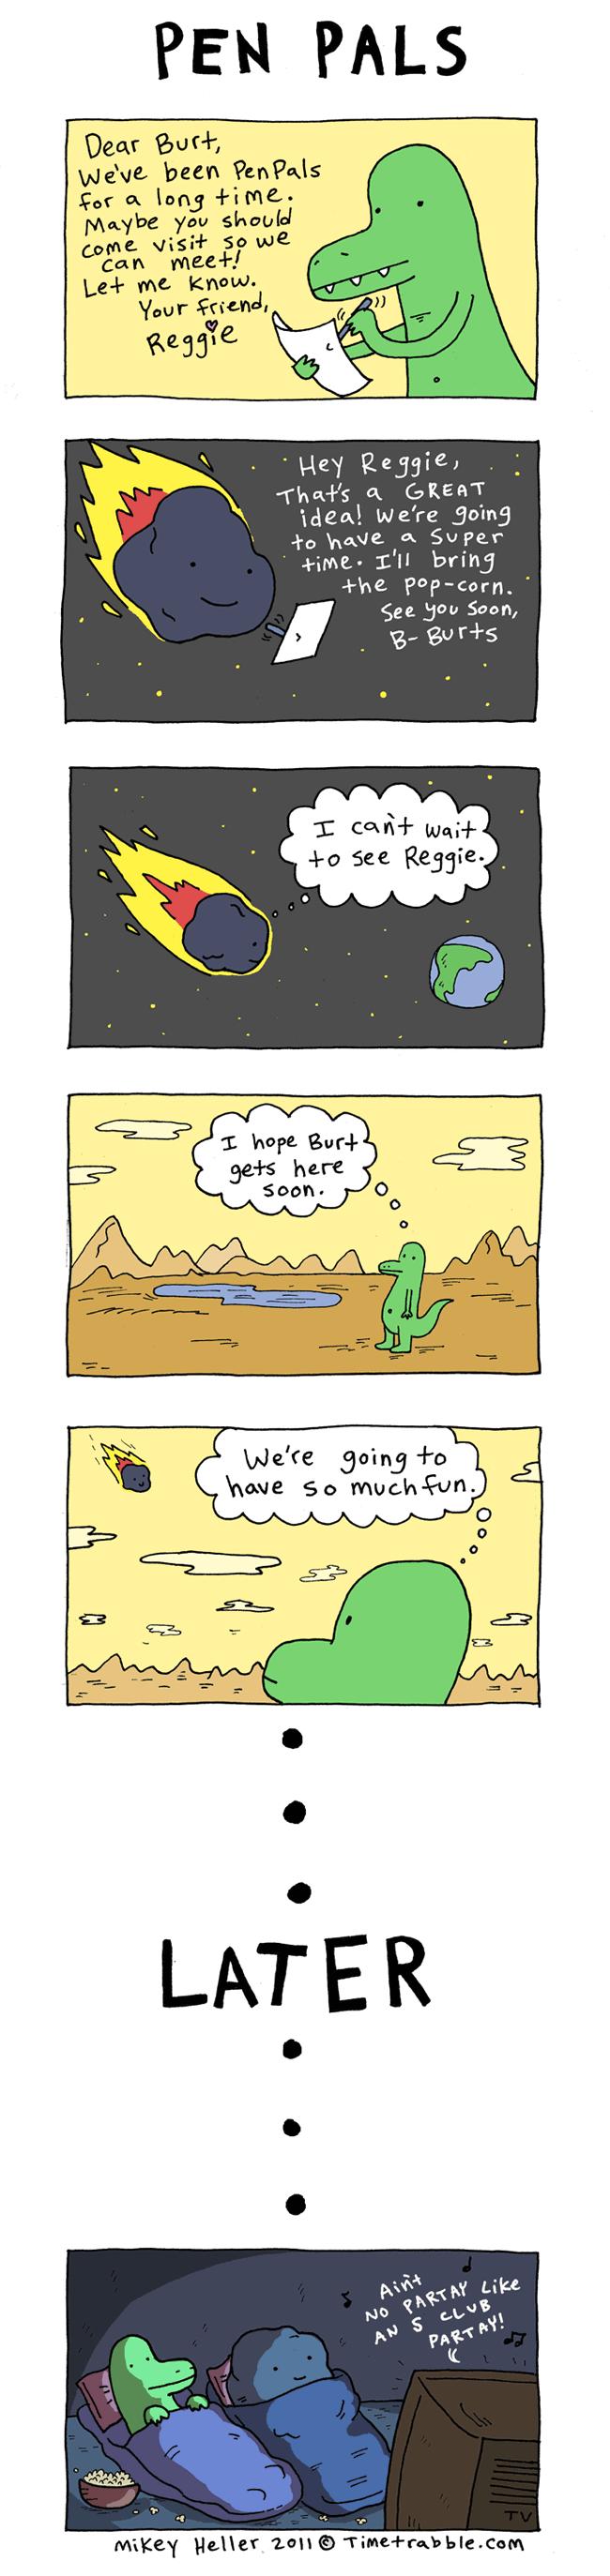 Pen Pals